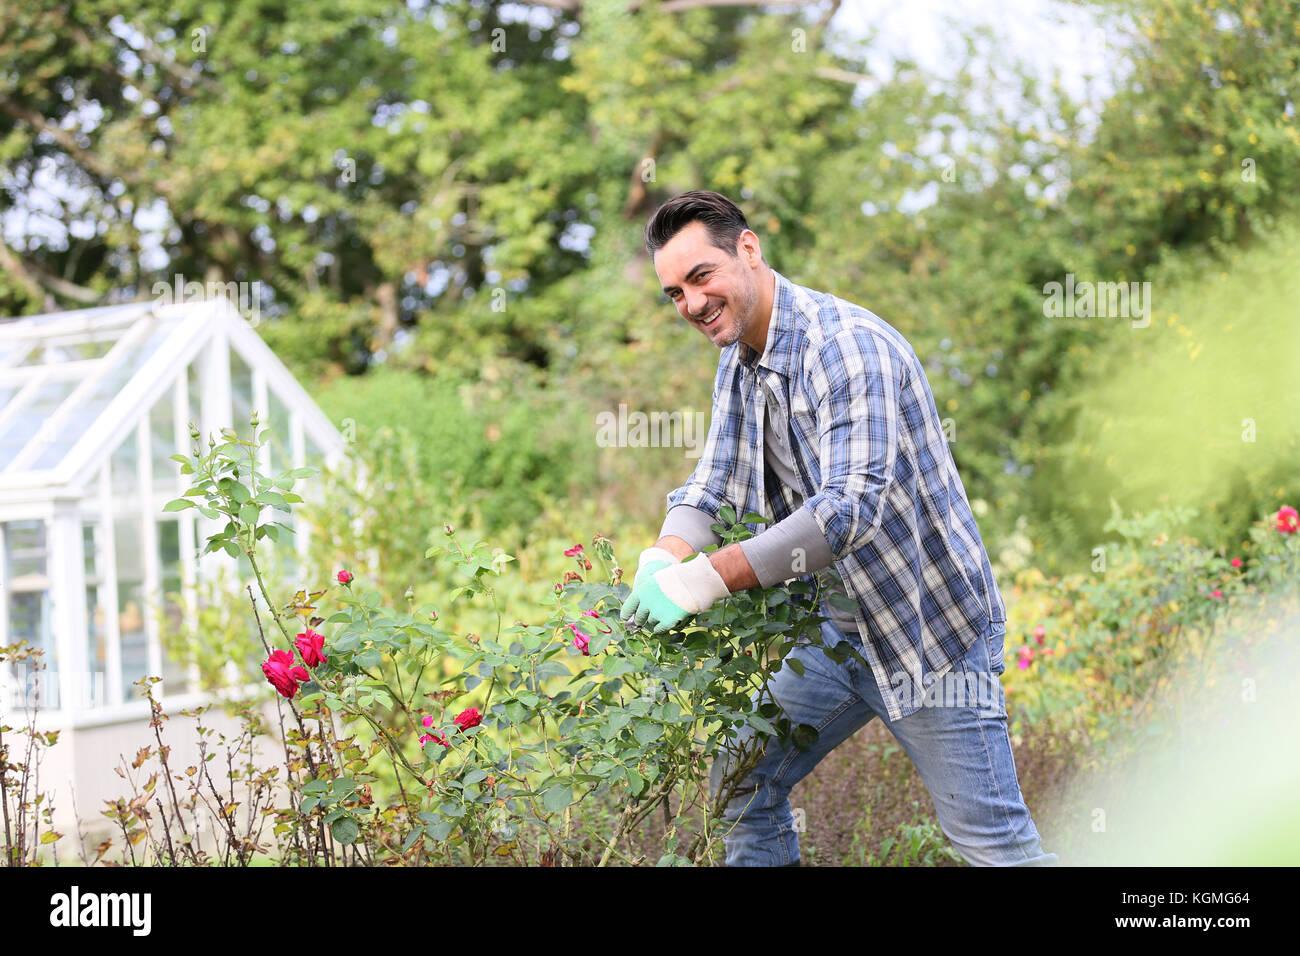 Mann im Botanischen Garten schneiden Rosen Stockbild